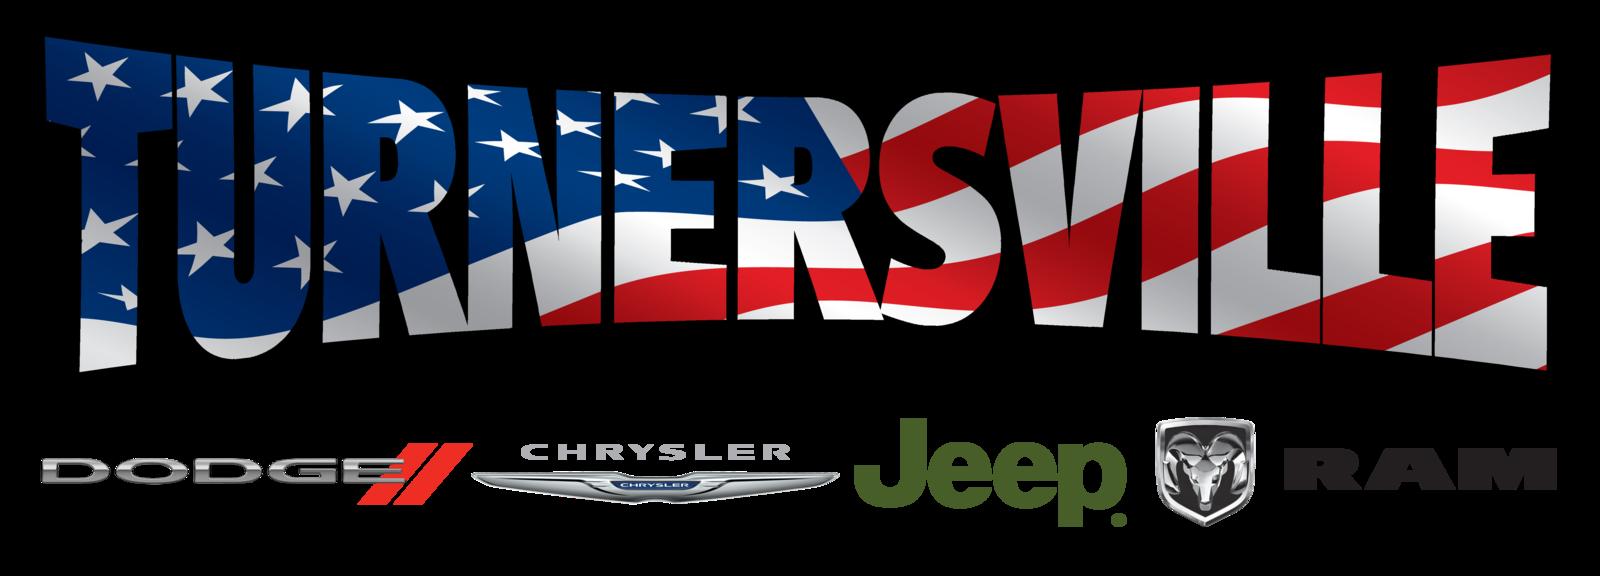 Turnersville Chrysler Jeep Dodge Ram Sicklerville Nj